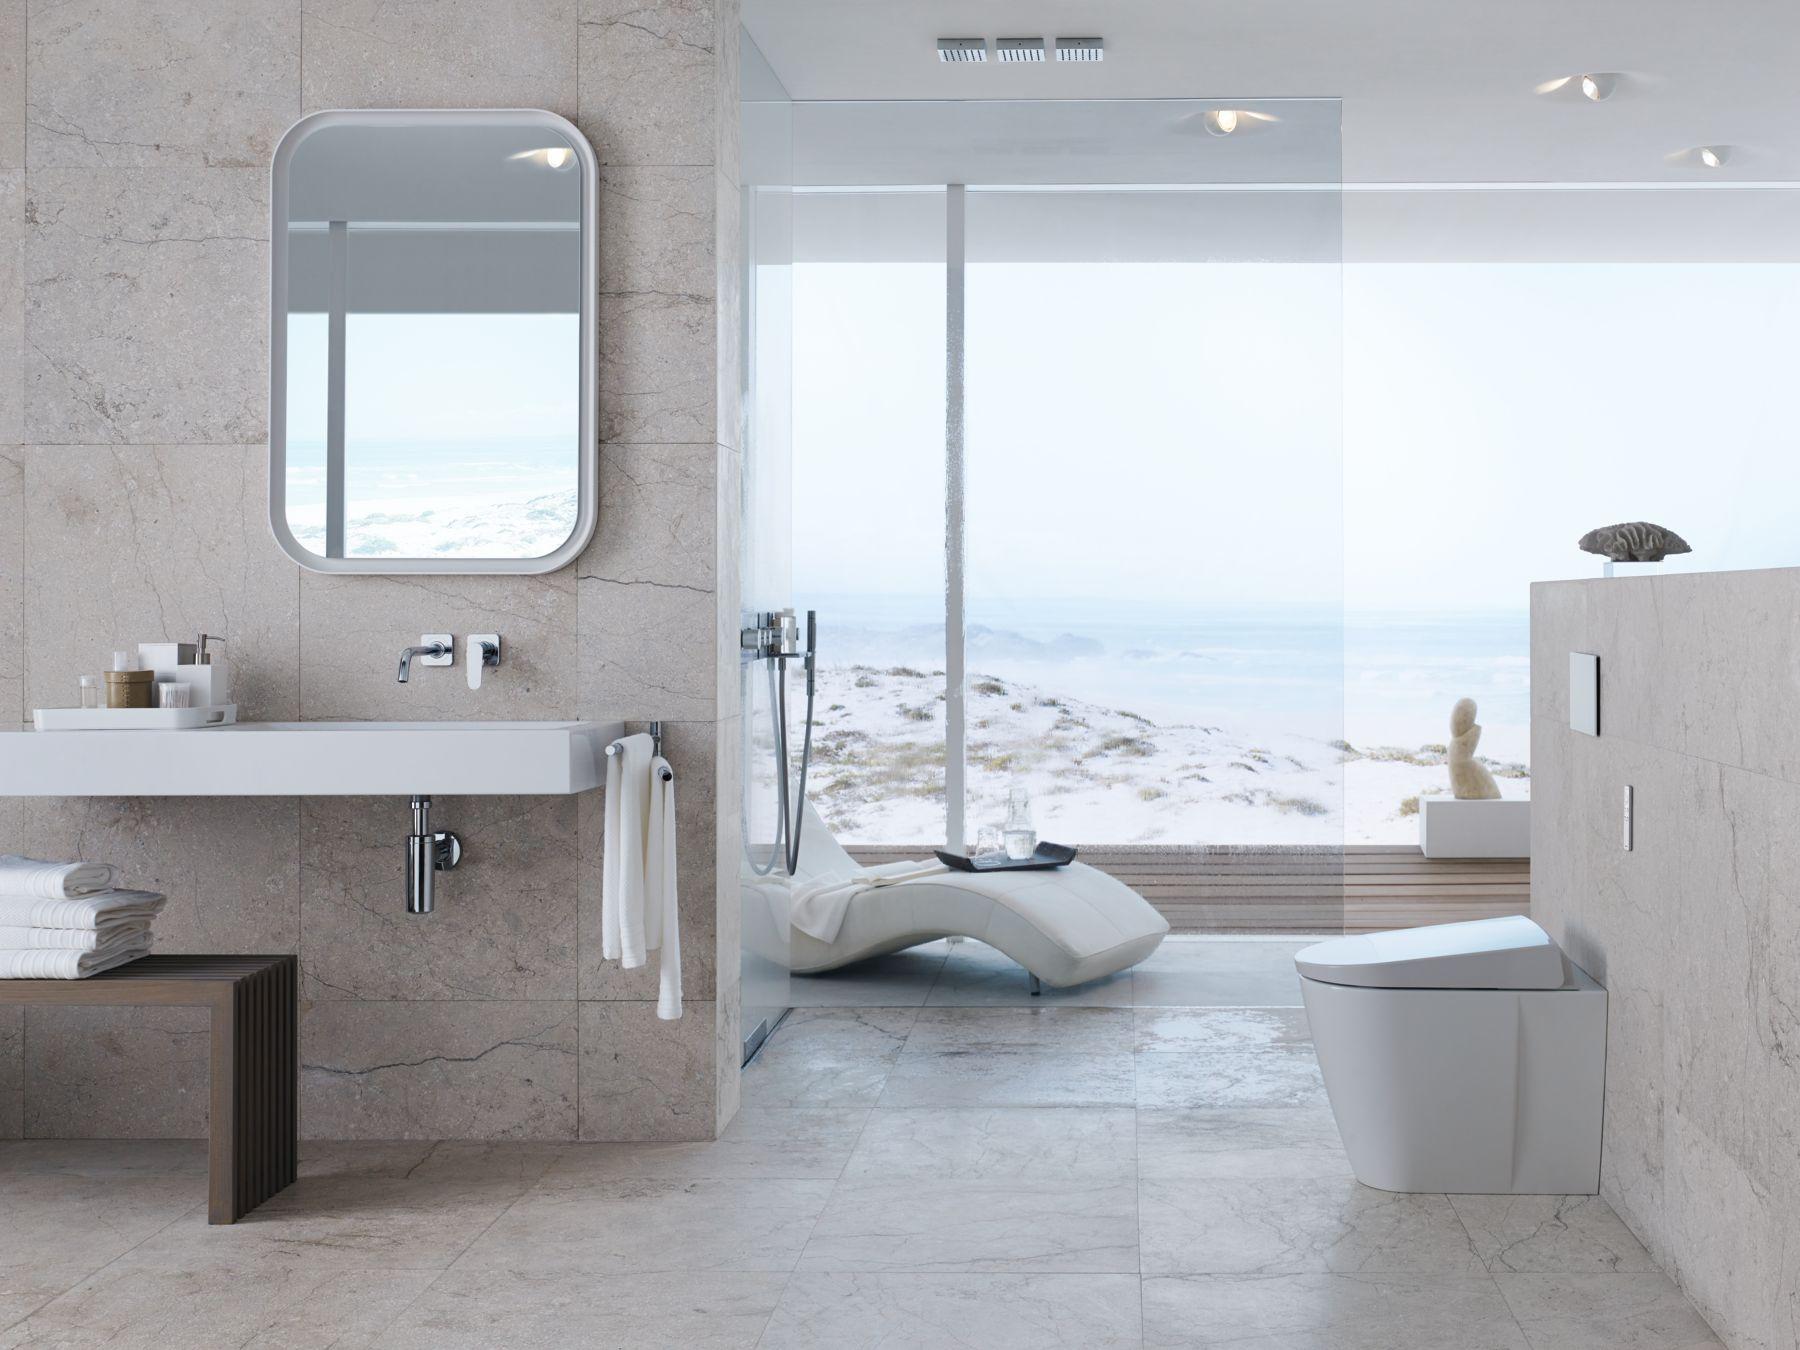 Toilet douchewc Geberit Aquaclean Sela